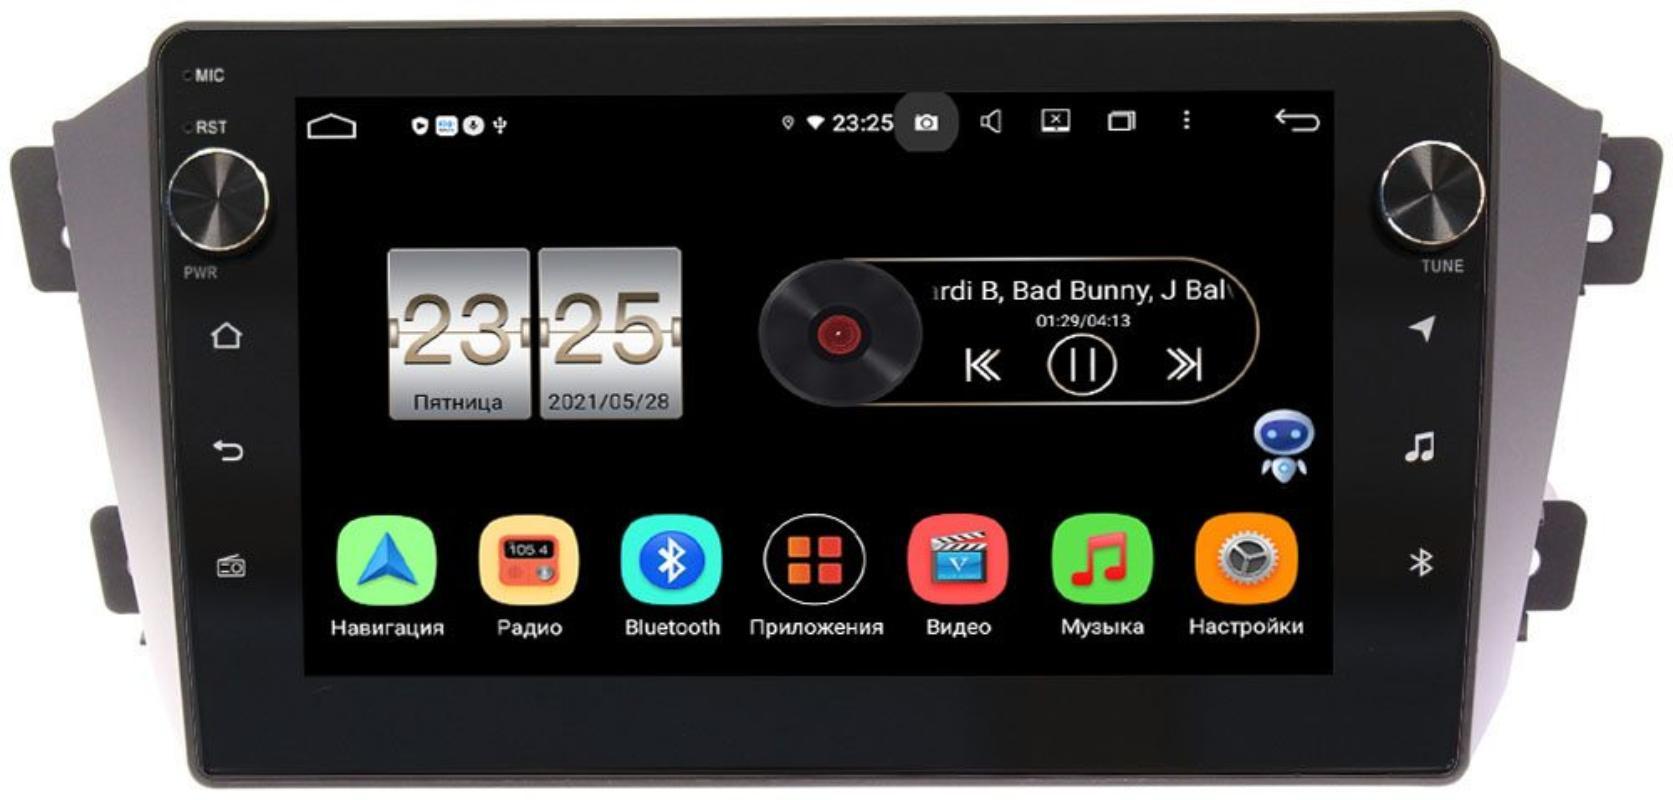 Штатная магнитола LeTrun BPX609-9055 для Geely Emgrand X7 2011-2018 на Android 10 (4/64, DSP, IPS, с голосовым ассистентом, с крутилками) (+ Камера заднего вида в подарок!)